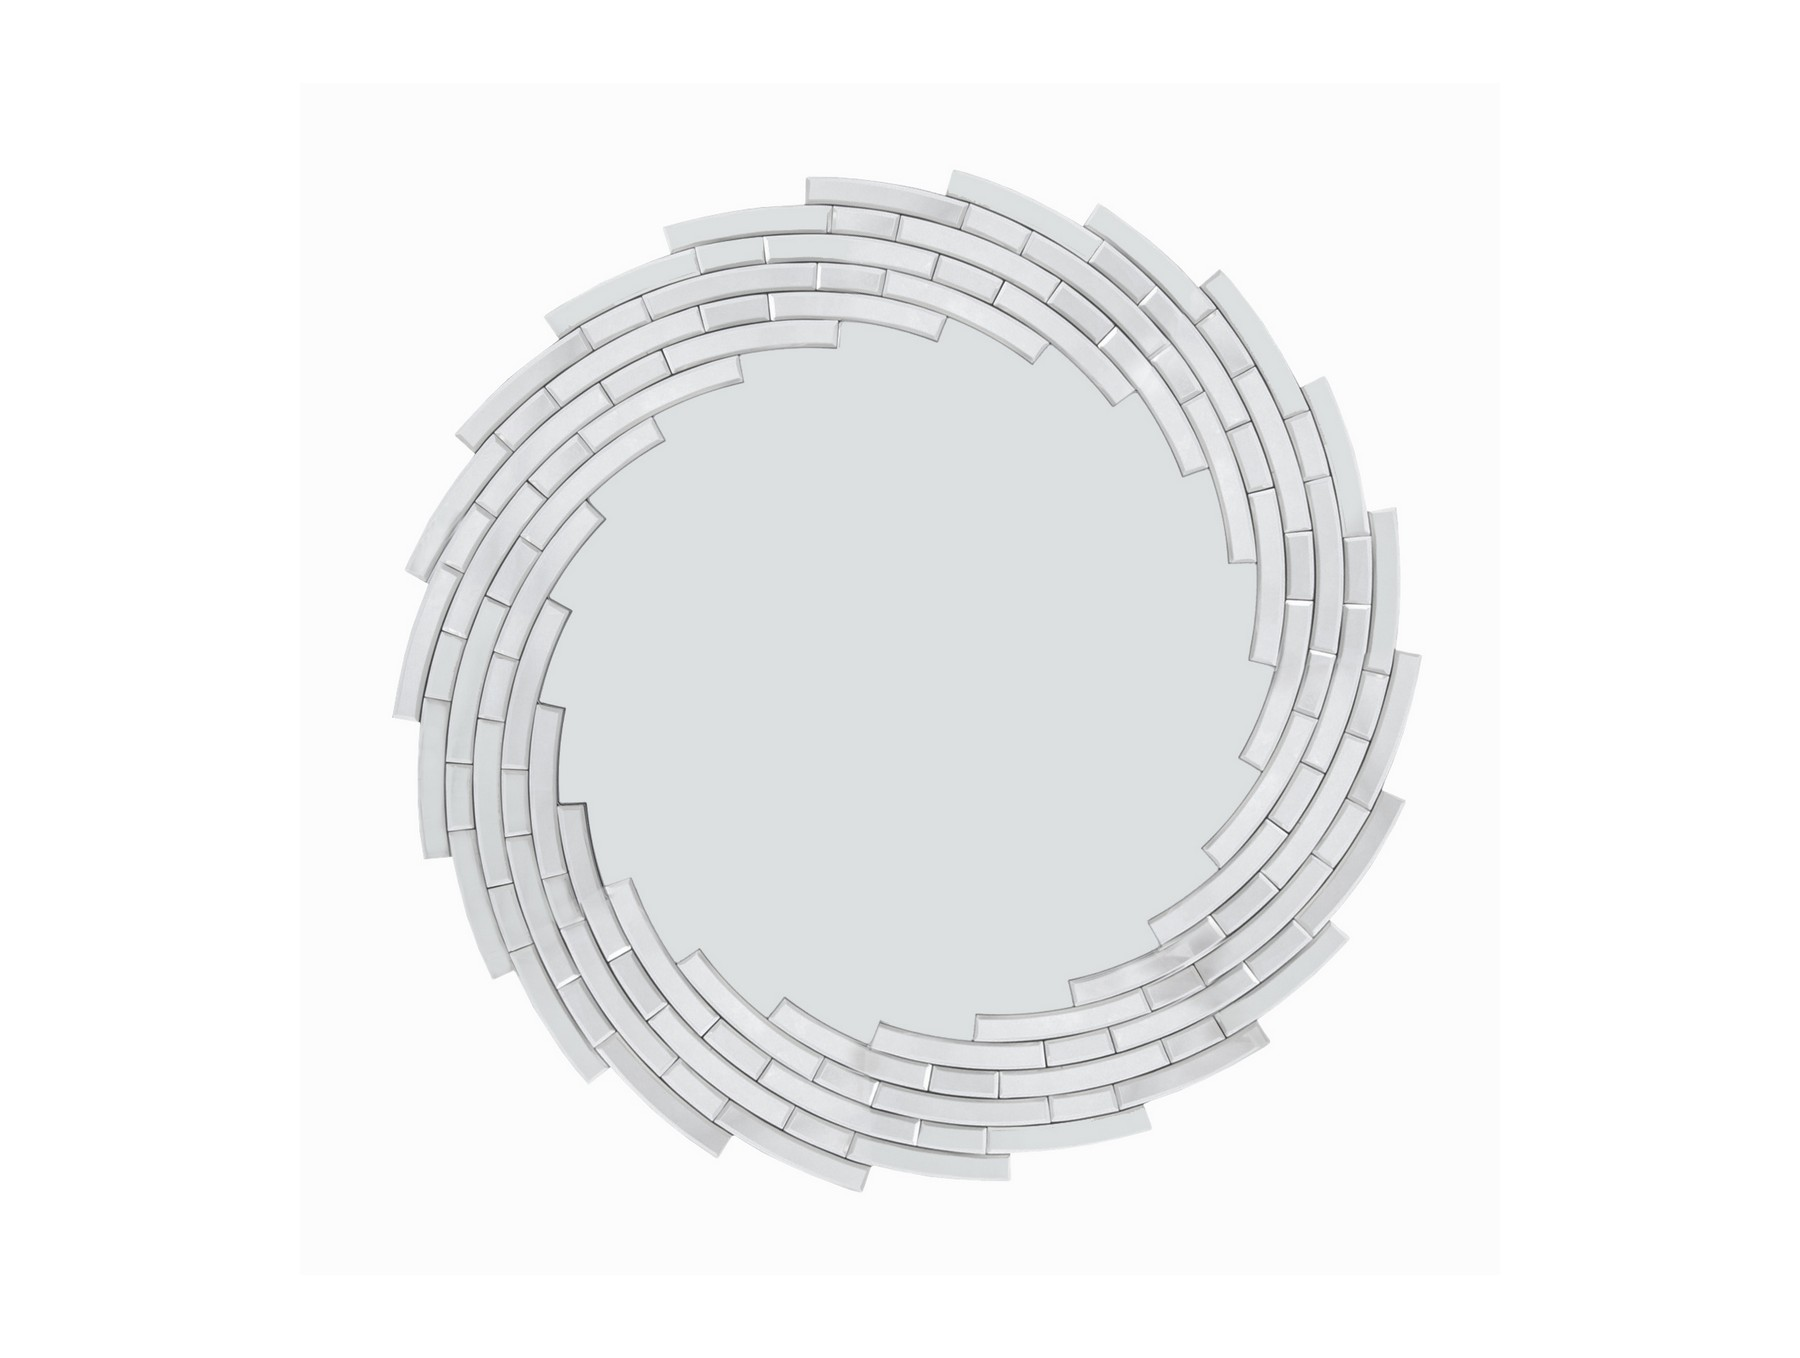 Зеркало SantenaНастенные зеркала<br>Материалы: МДФ, стекло<br><br>Material: МДФ<br>Width см: 100<br>Depth см: 1,9<br>Height см: 100